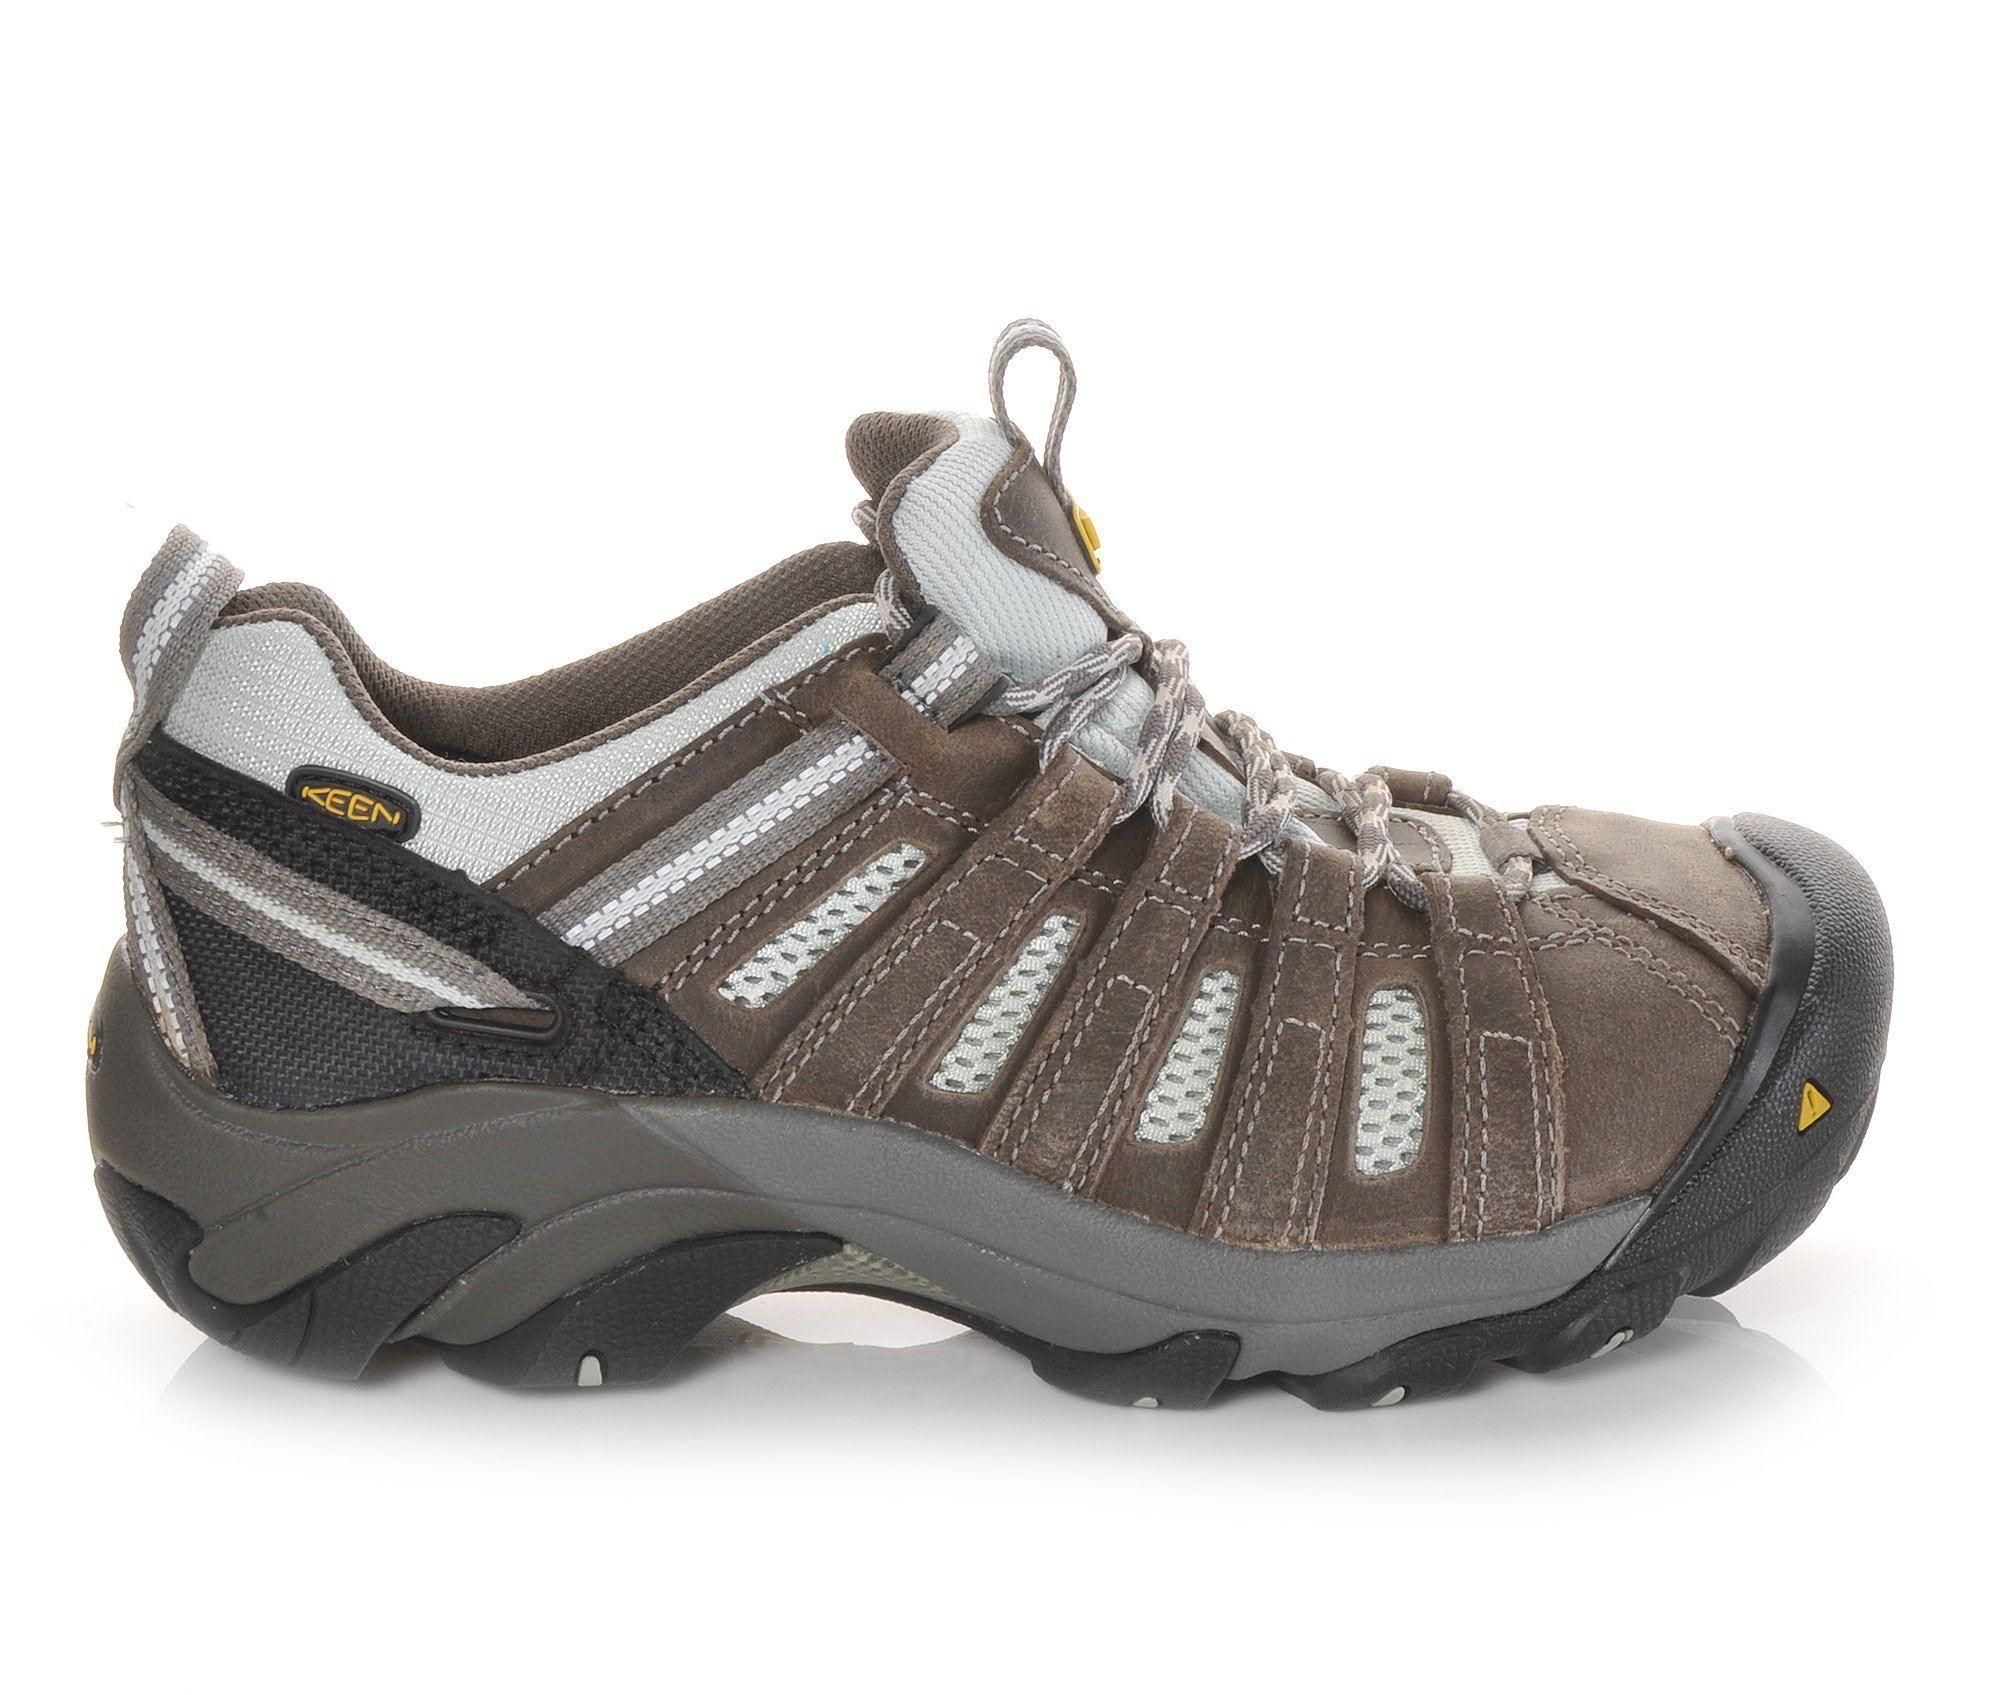 Steel toe work shoes, Steel toe shoes